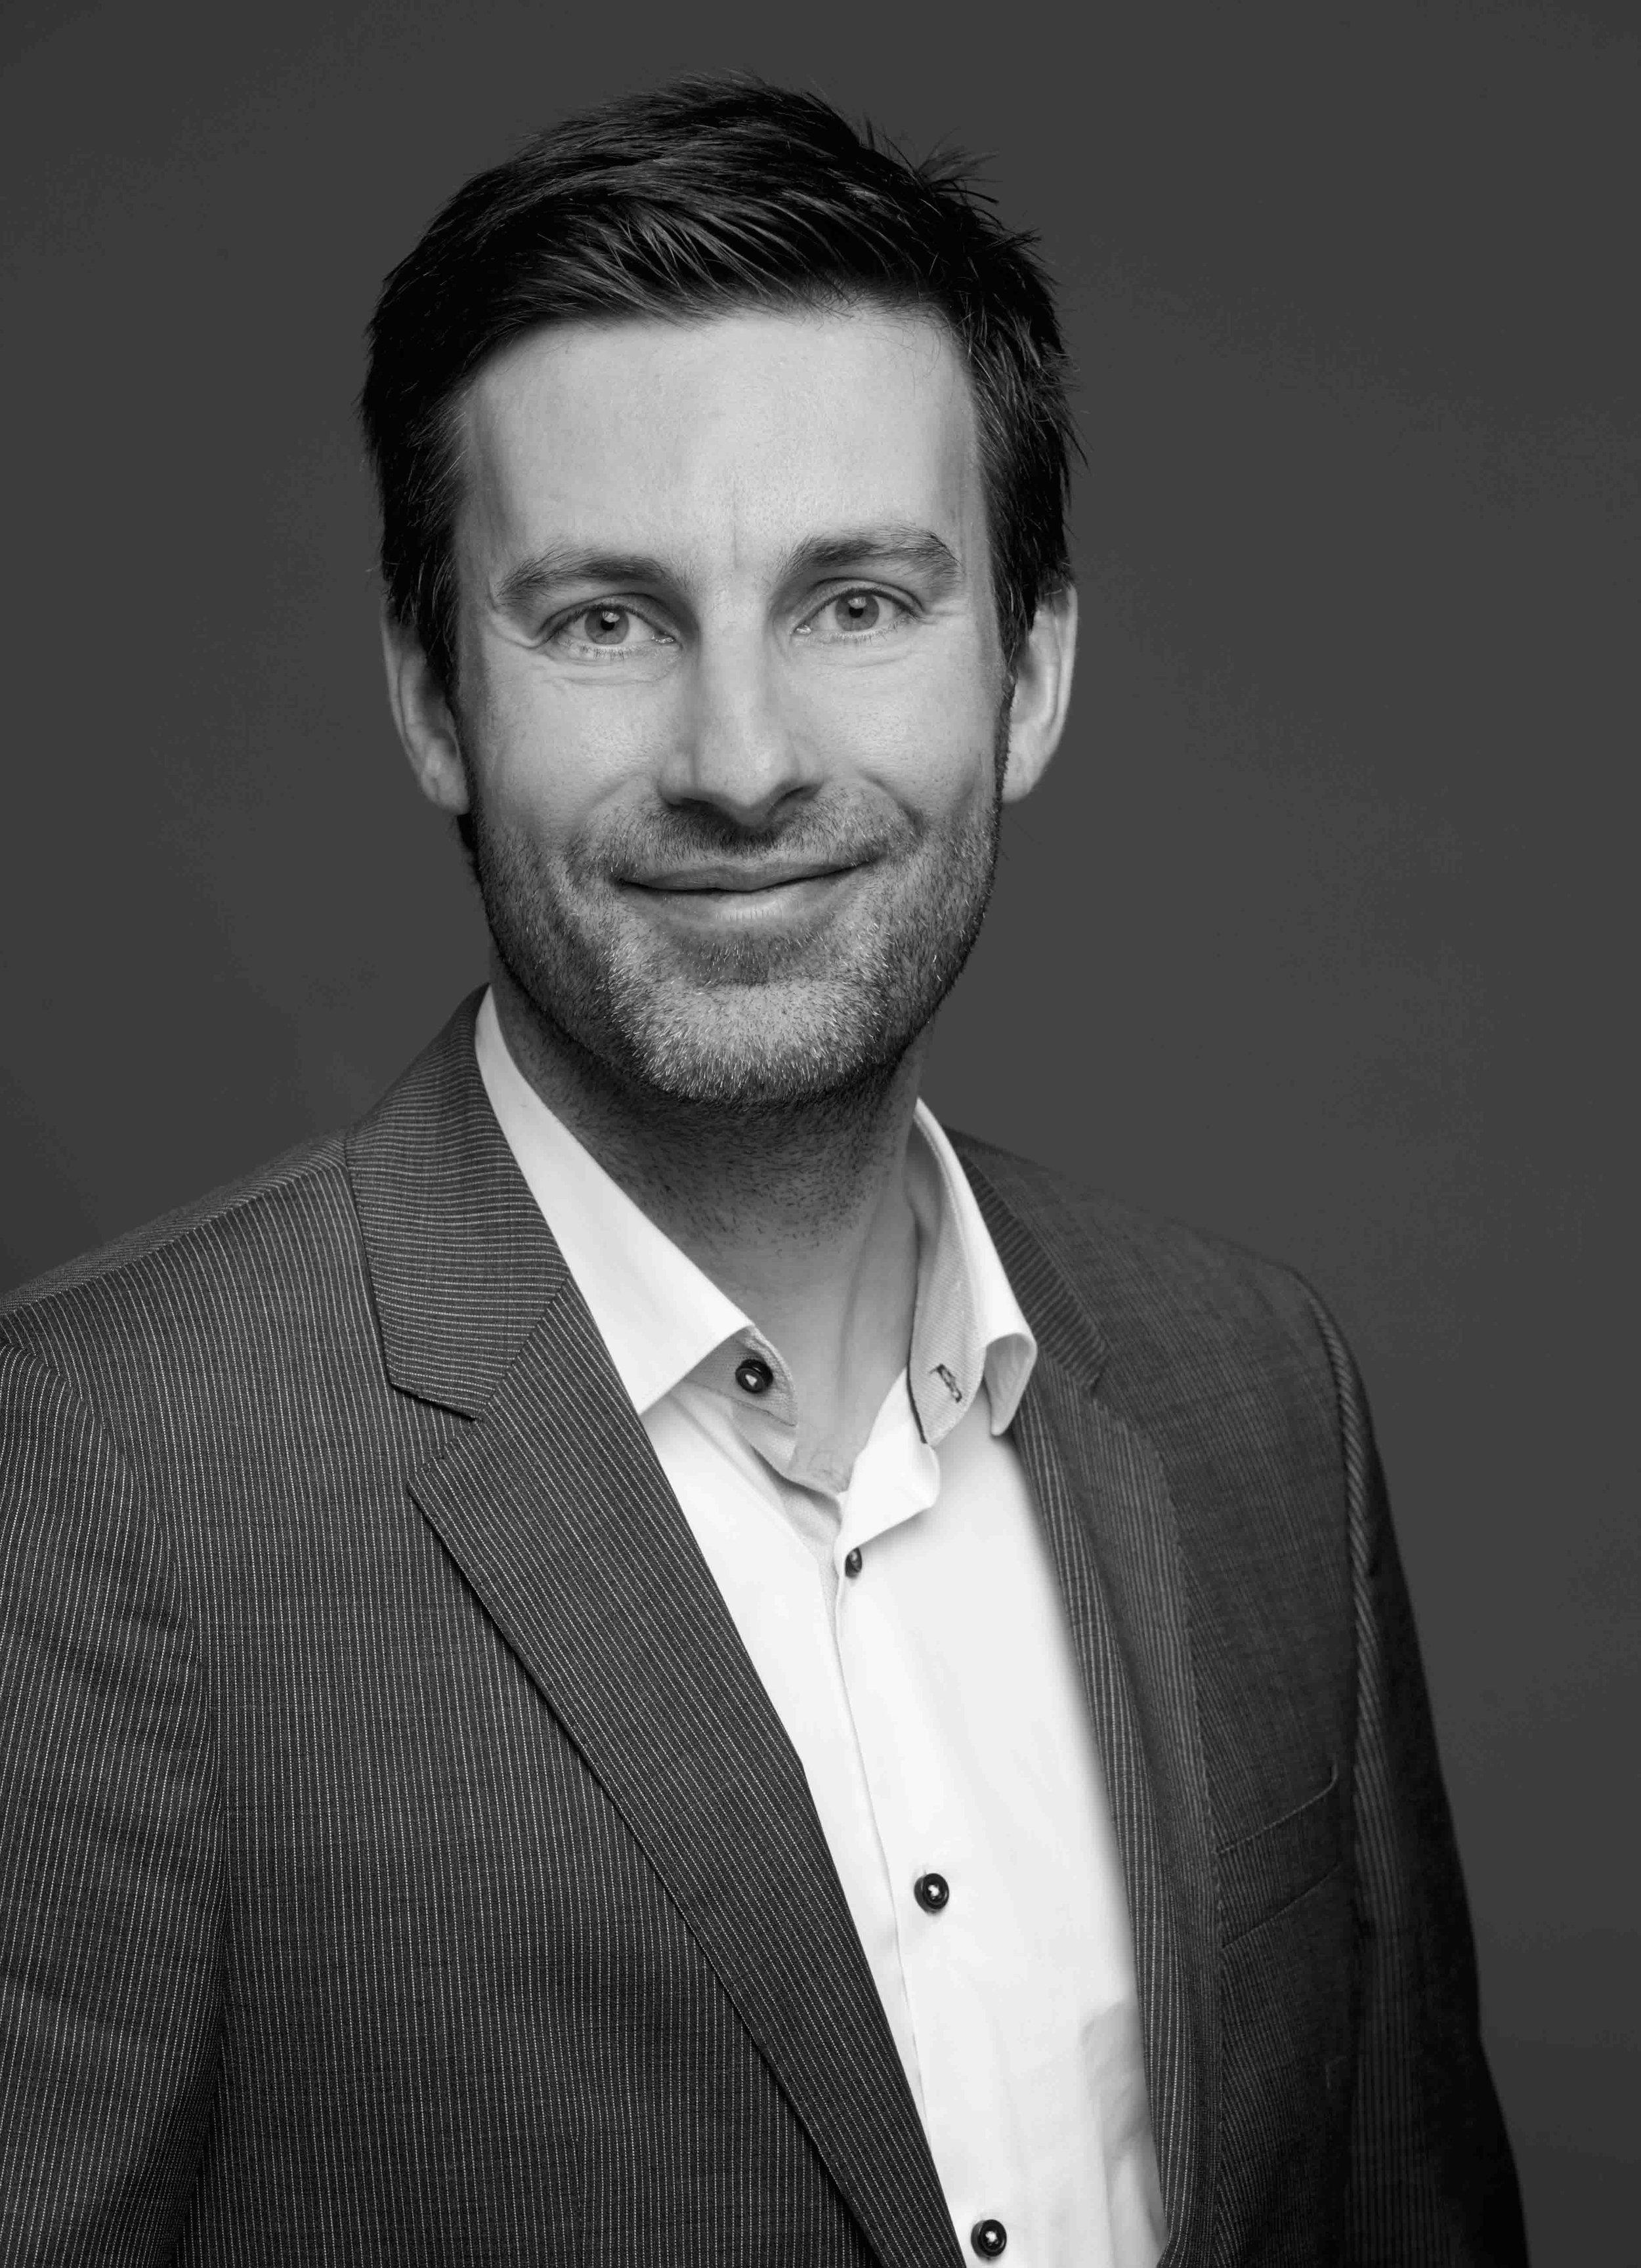 Brickfund founder Jeroen de Leijer